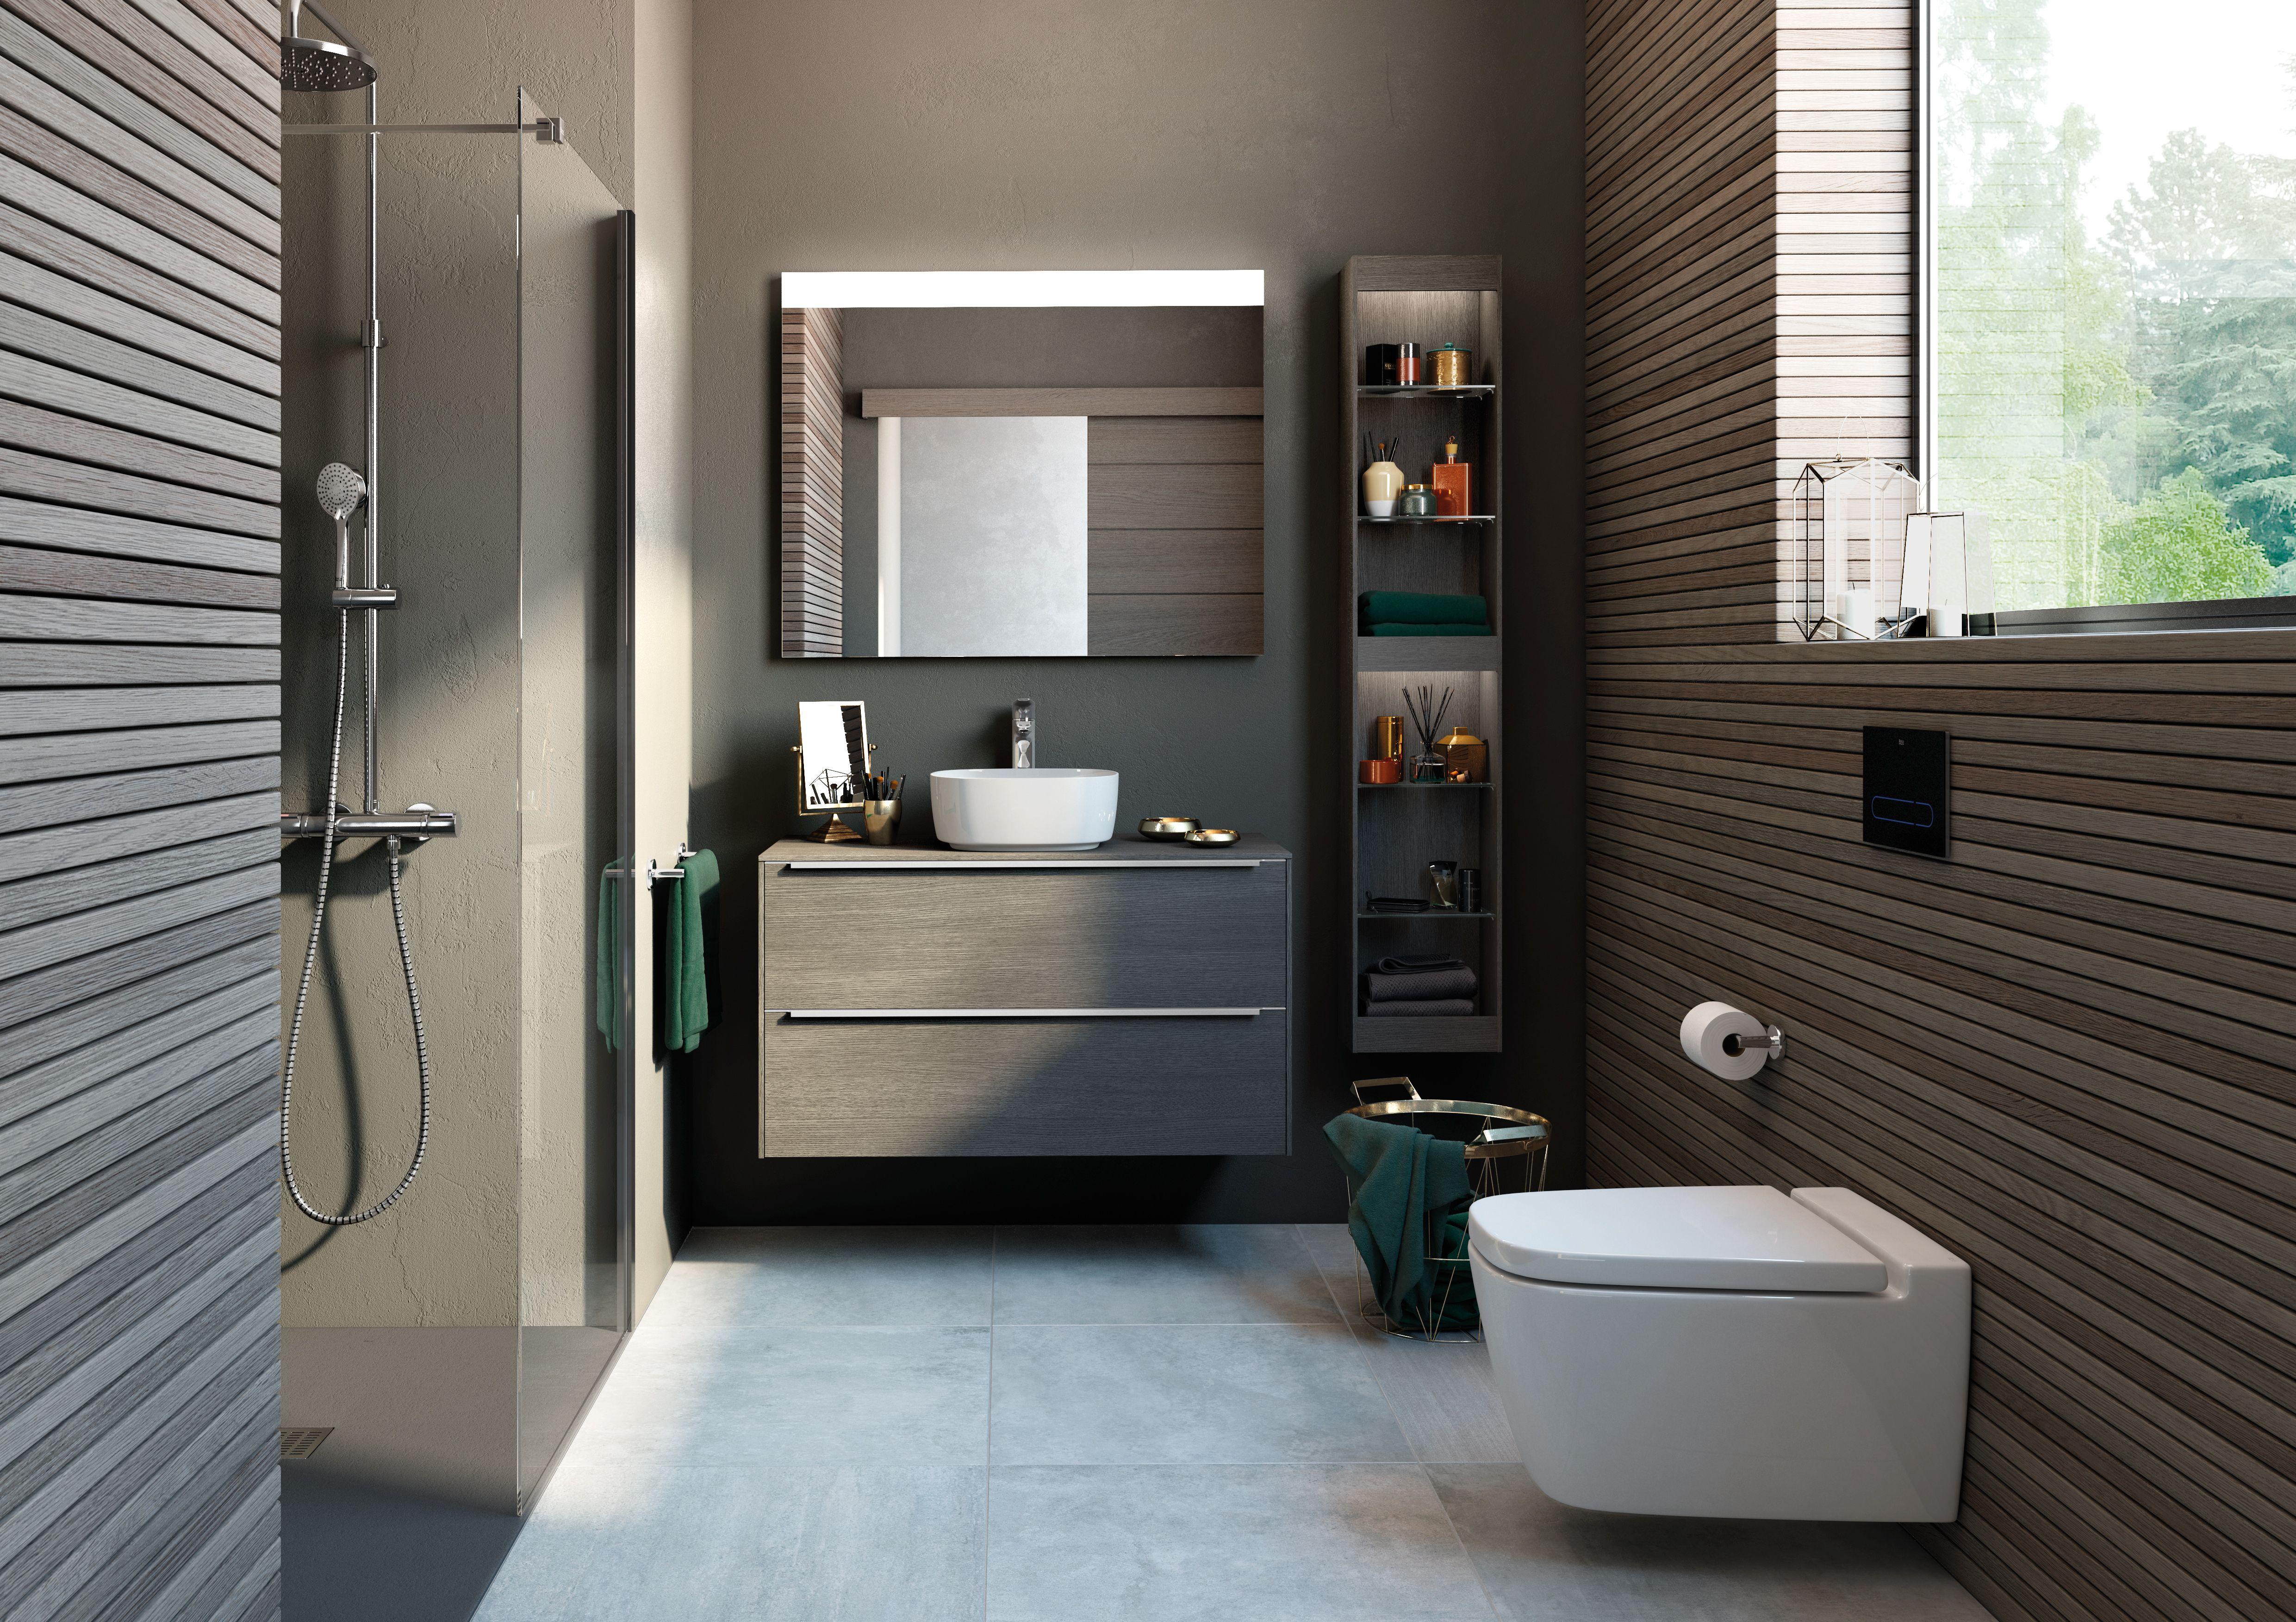 Inspira de roca nouvelle salle de bain sanitaires en for Nouvelle salle de bain